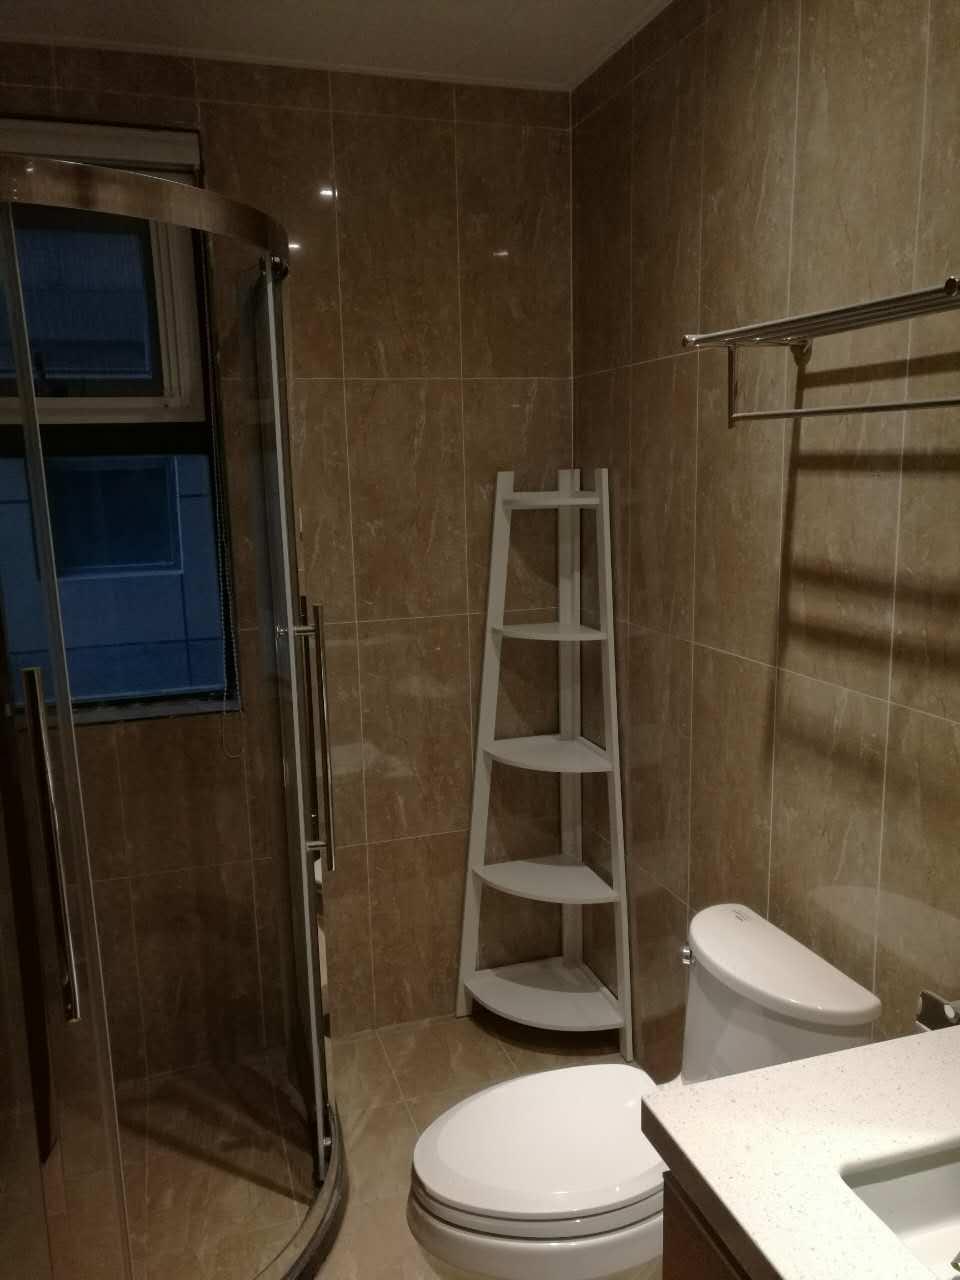 整个卫生间用了弧形玻璃淋雨房,空间通透,高档大气。